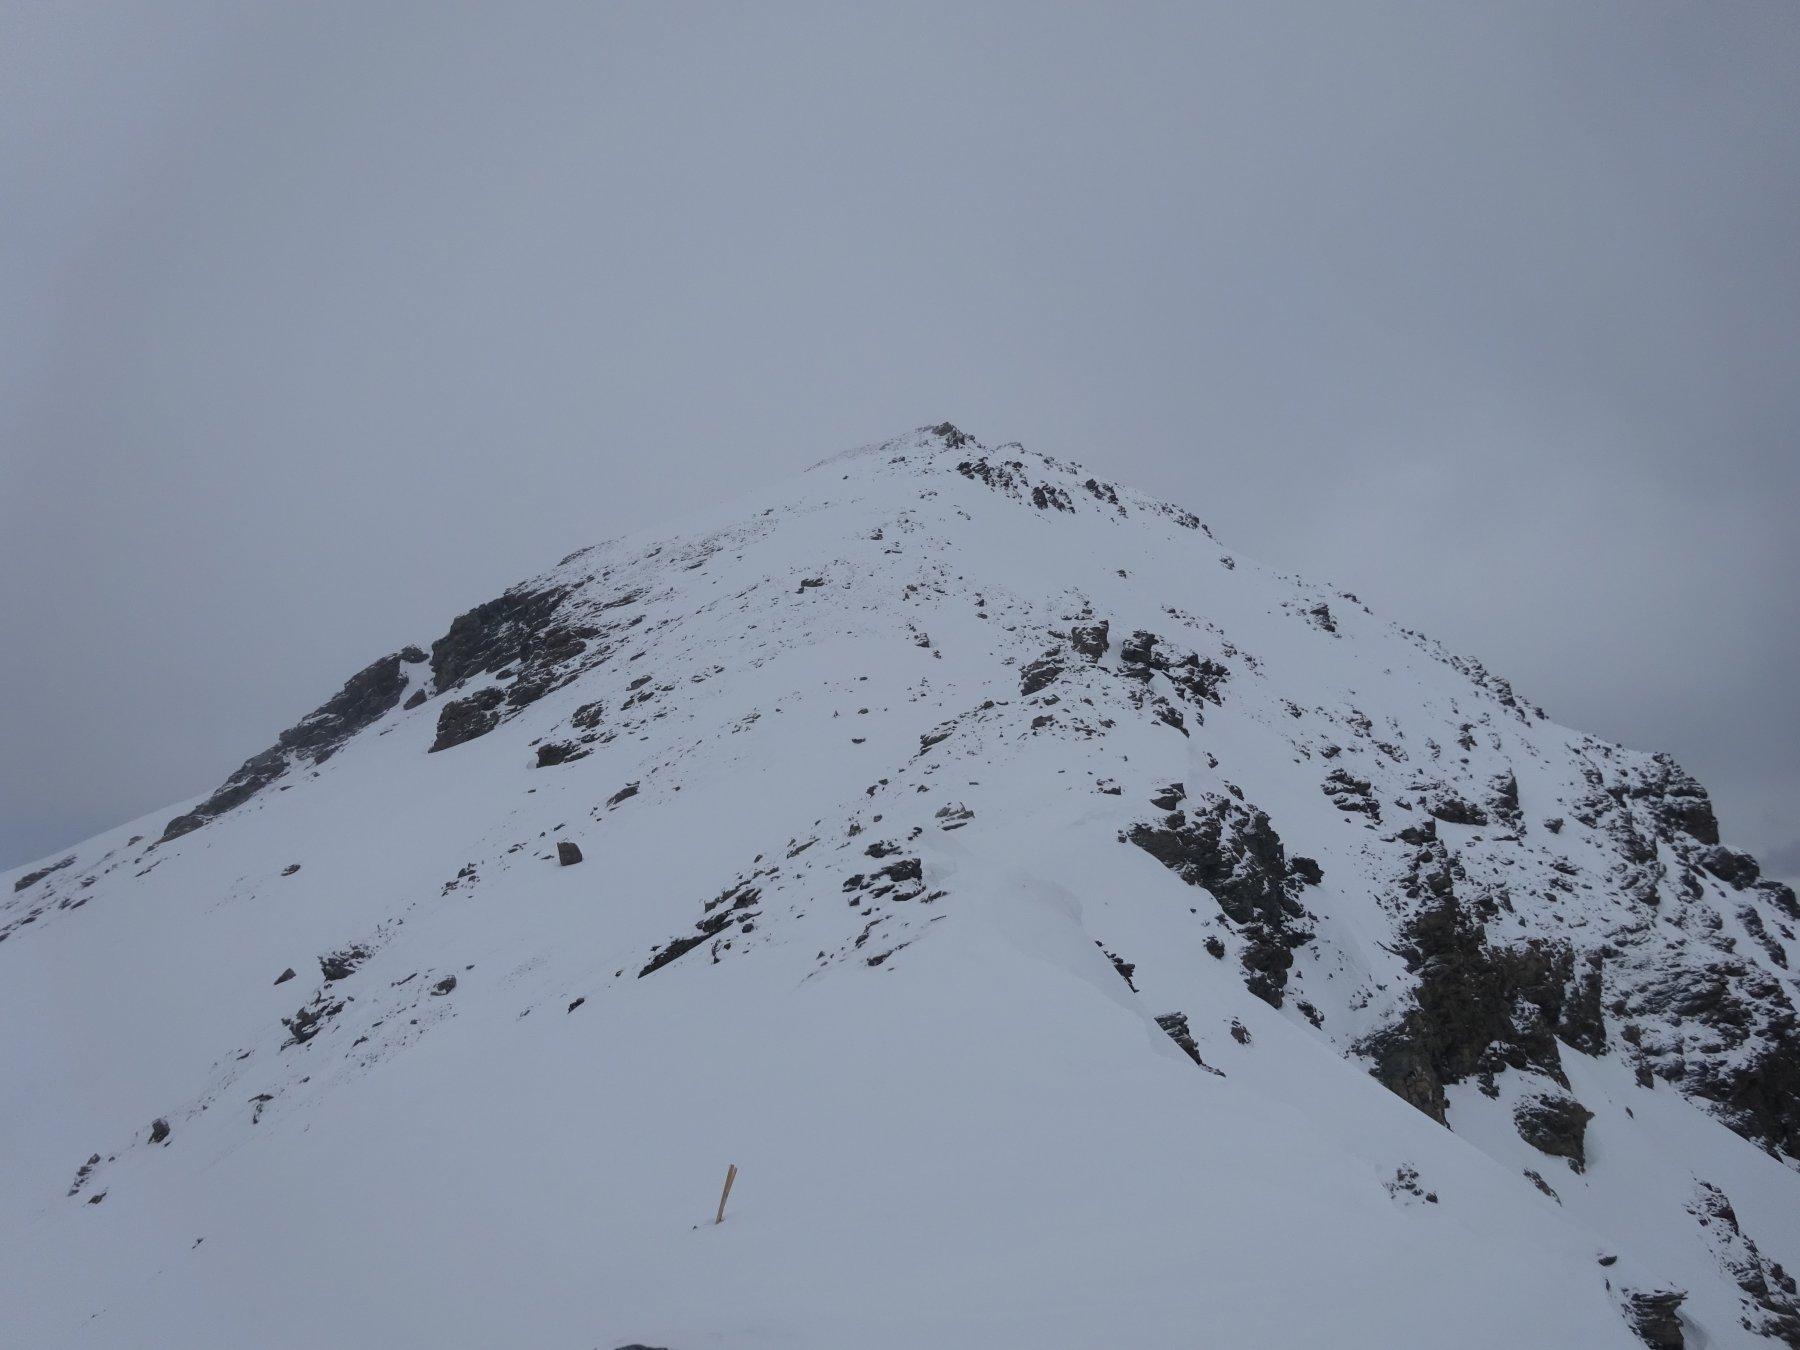 Colle del Pelvo 3065 m, con la Cima del Pelvo (cresta sud-est), per stavolta ci accontentiamo